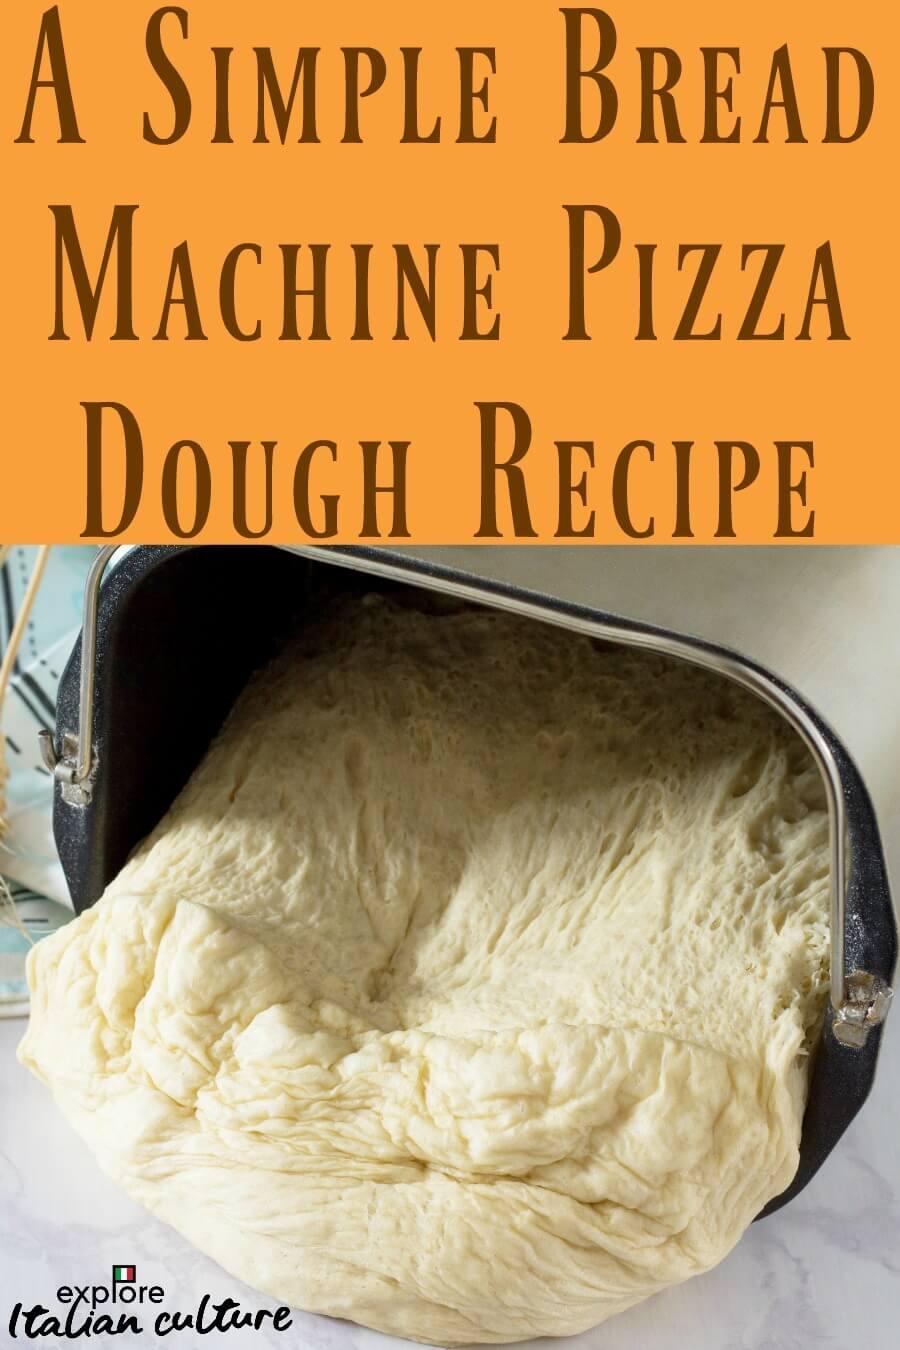 Pin for later: simple bread machine pizza dough recipe.